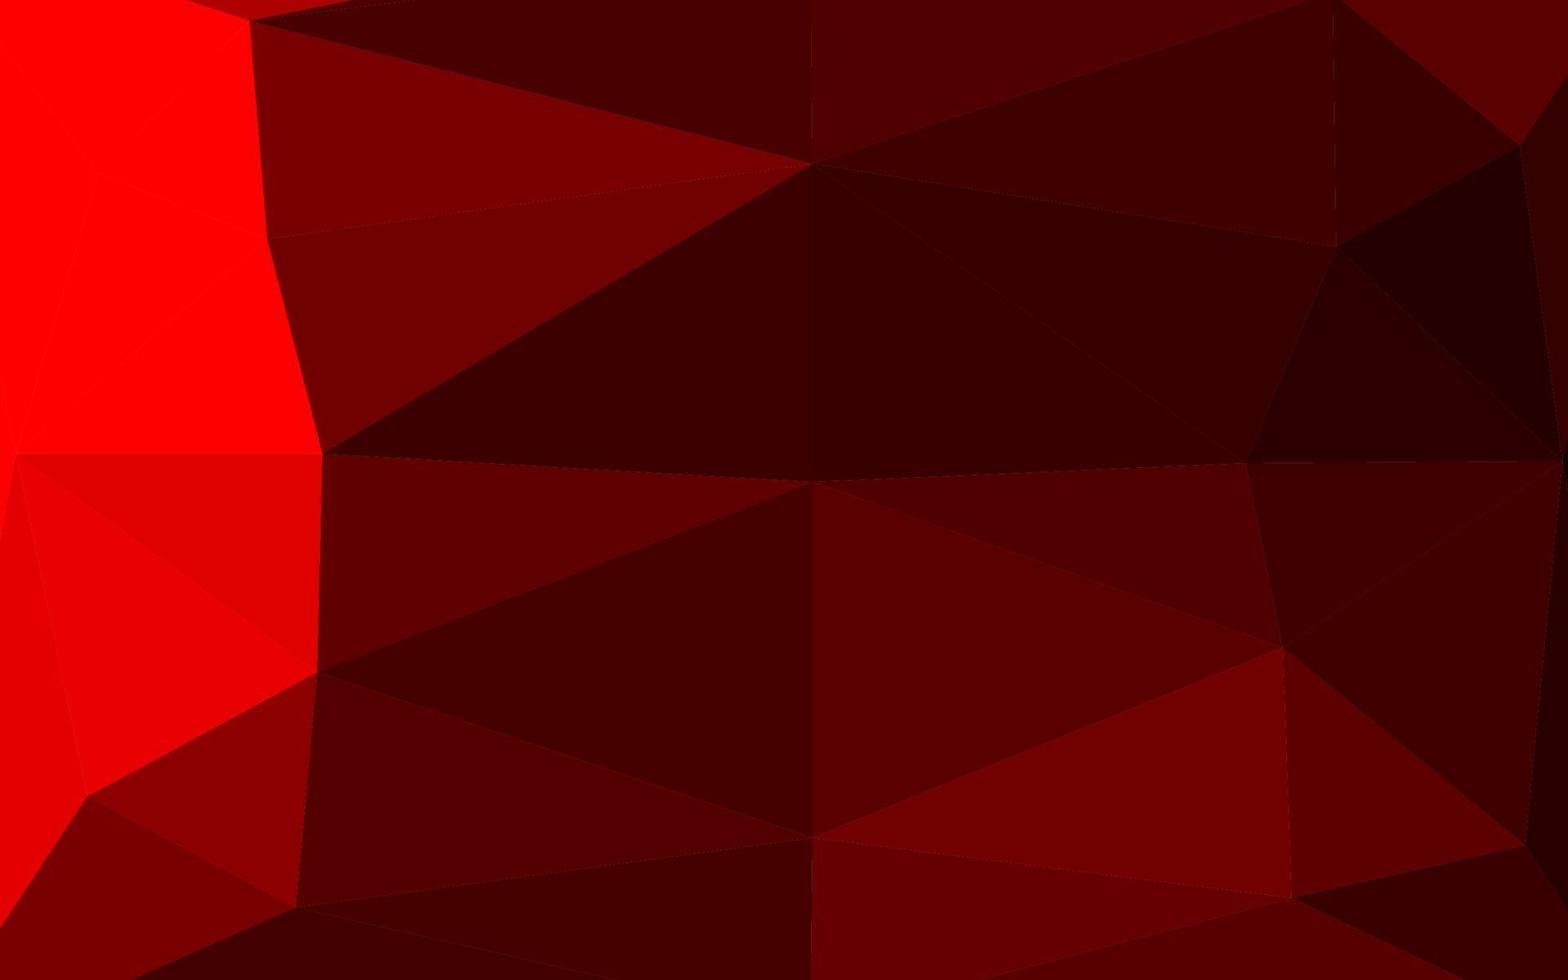 luz vermelha vector brilhante padrão triangular.